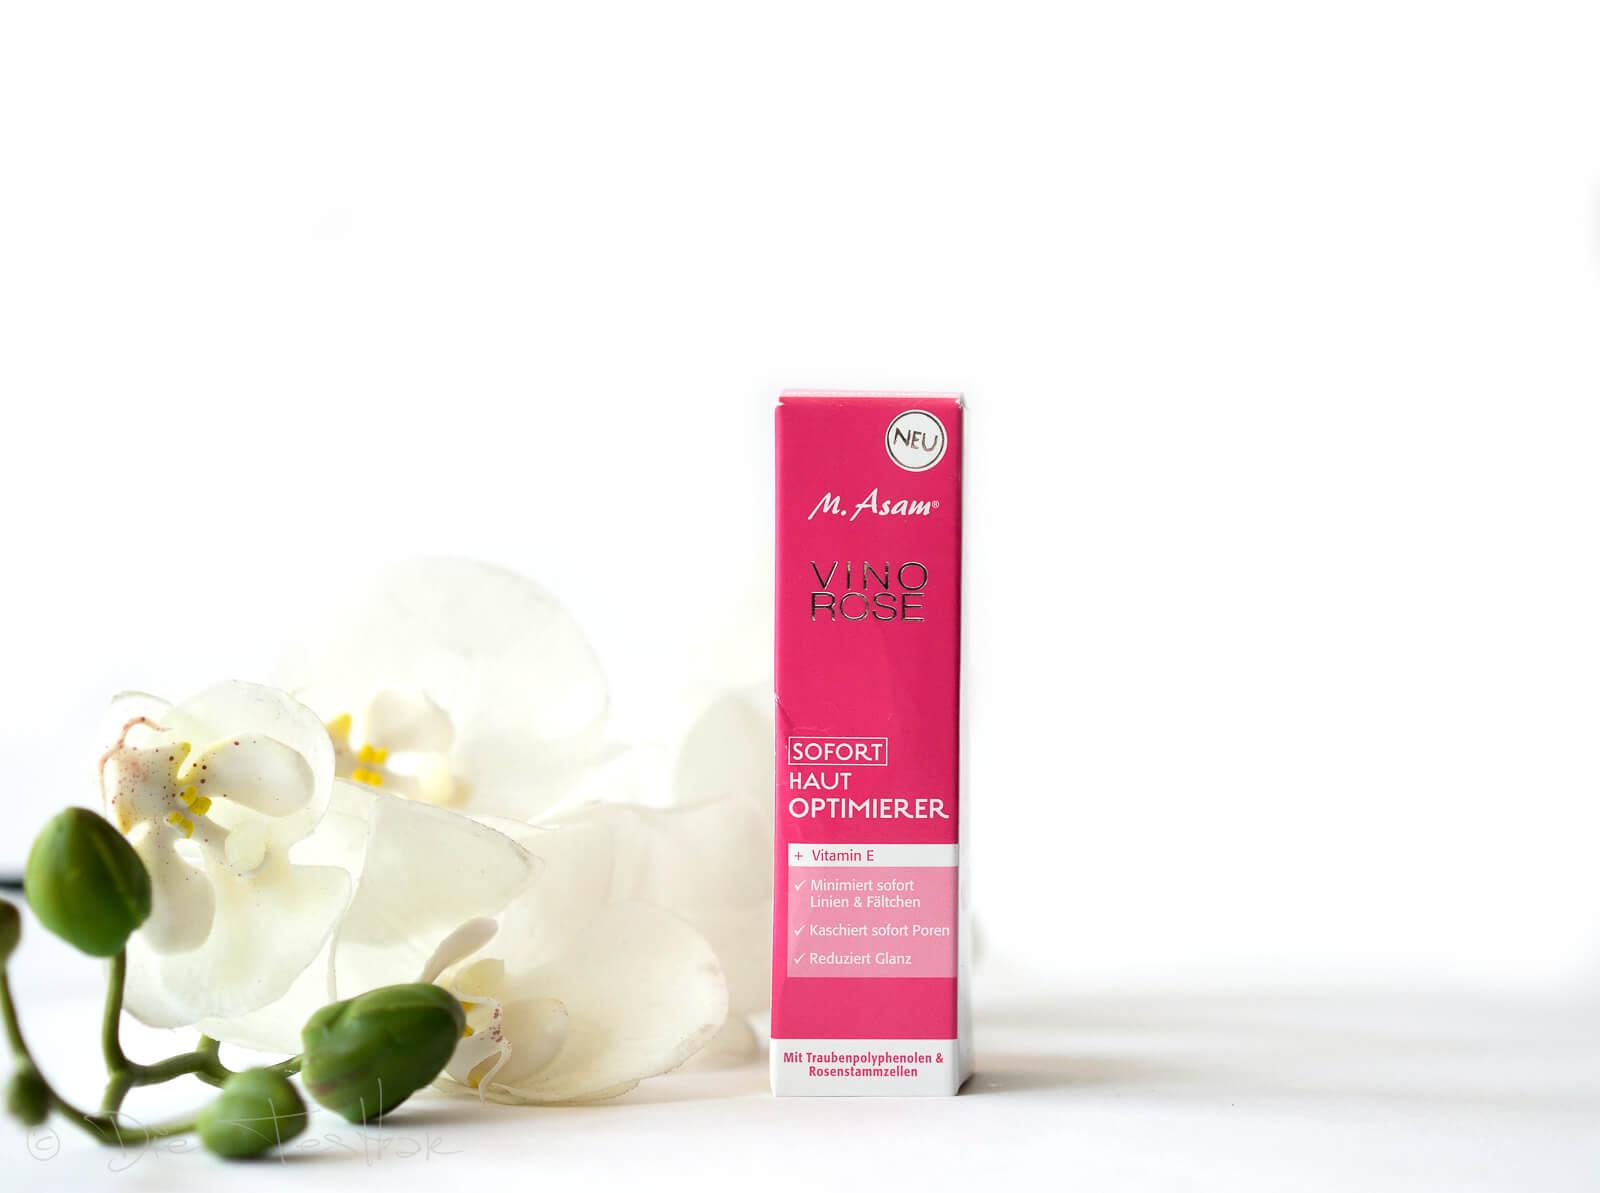 Vino Rose Sofort Haut Optimierer